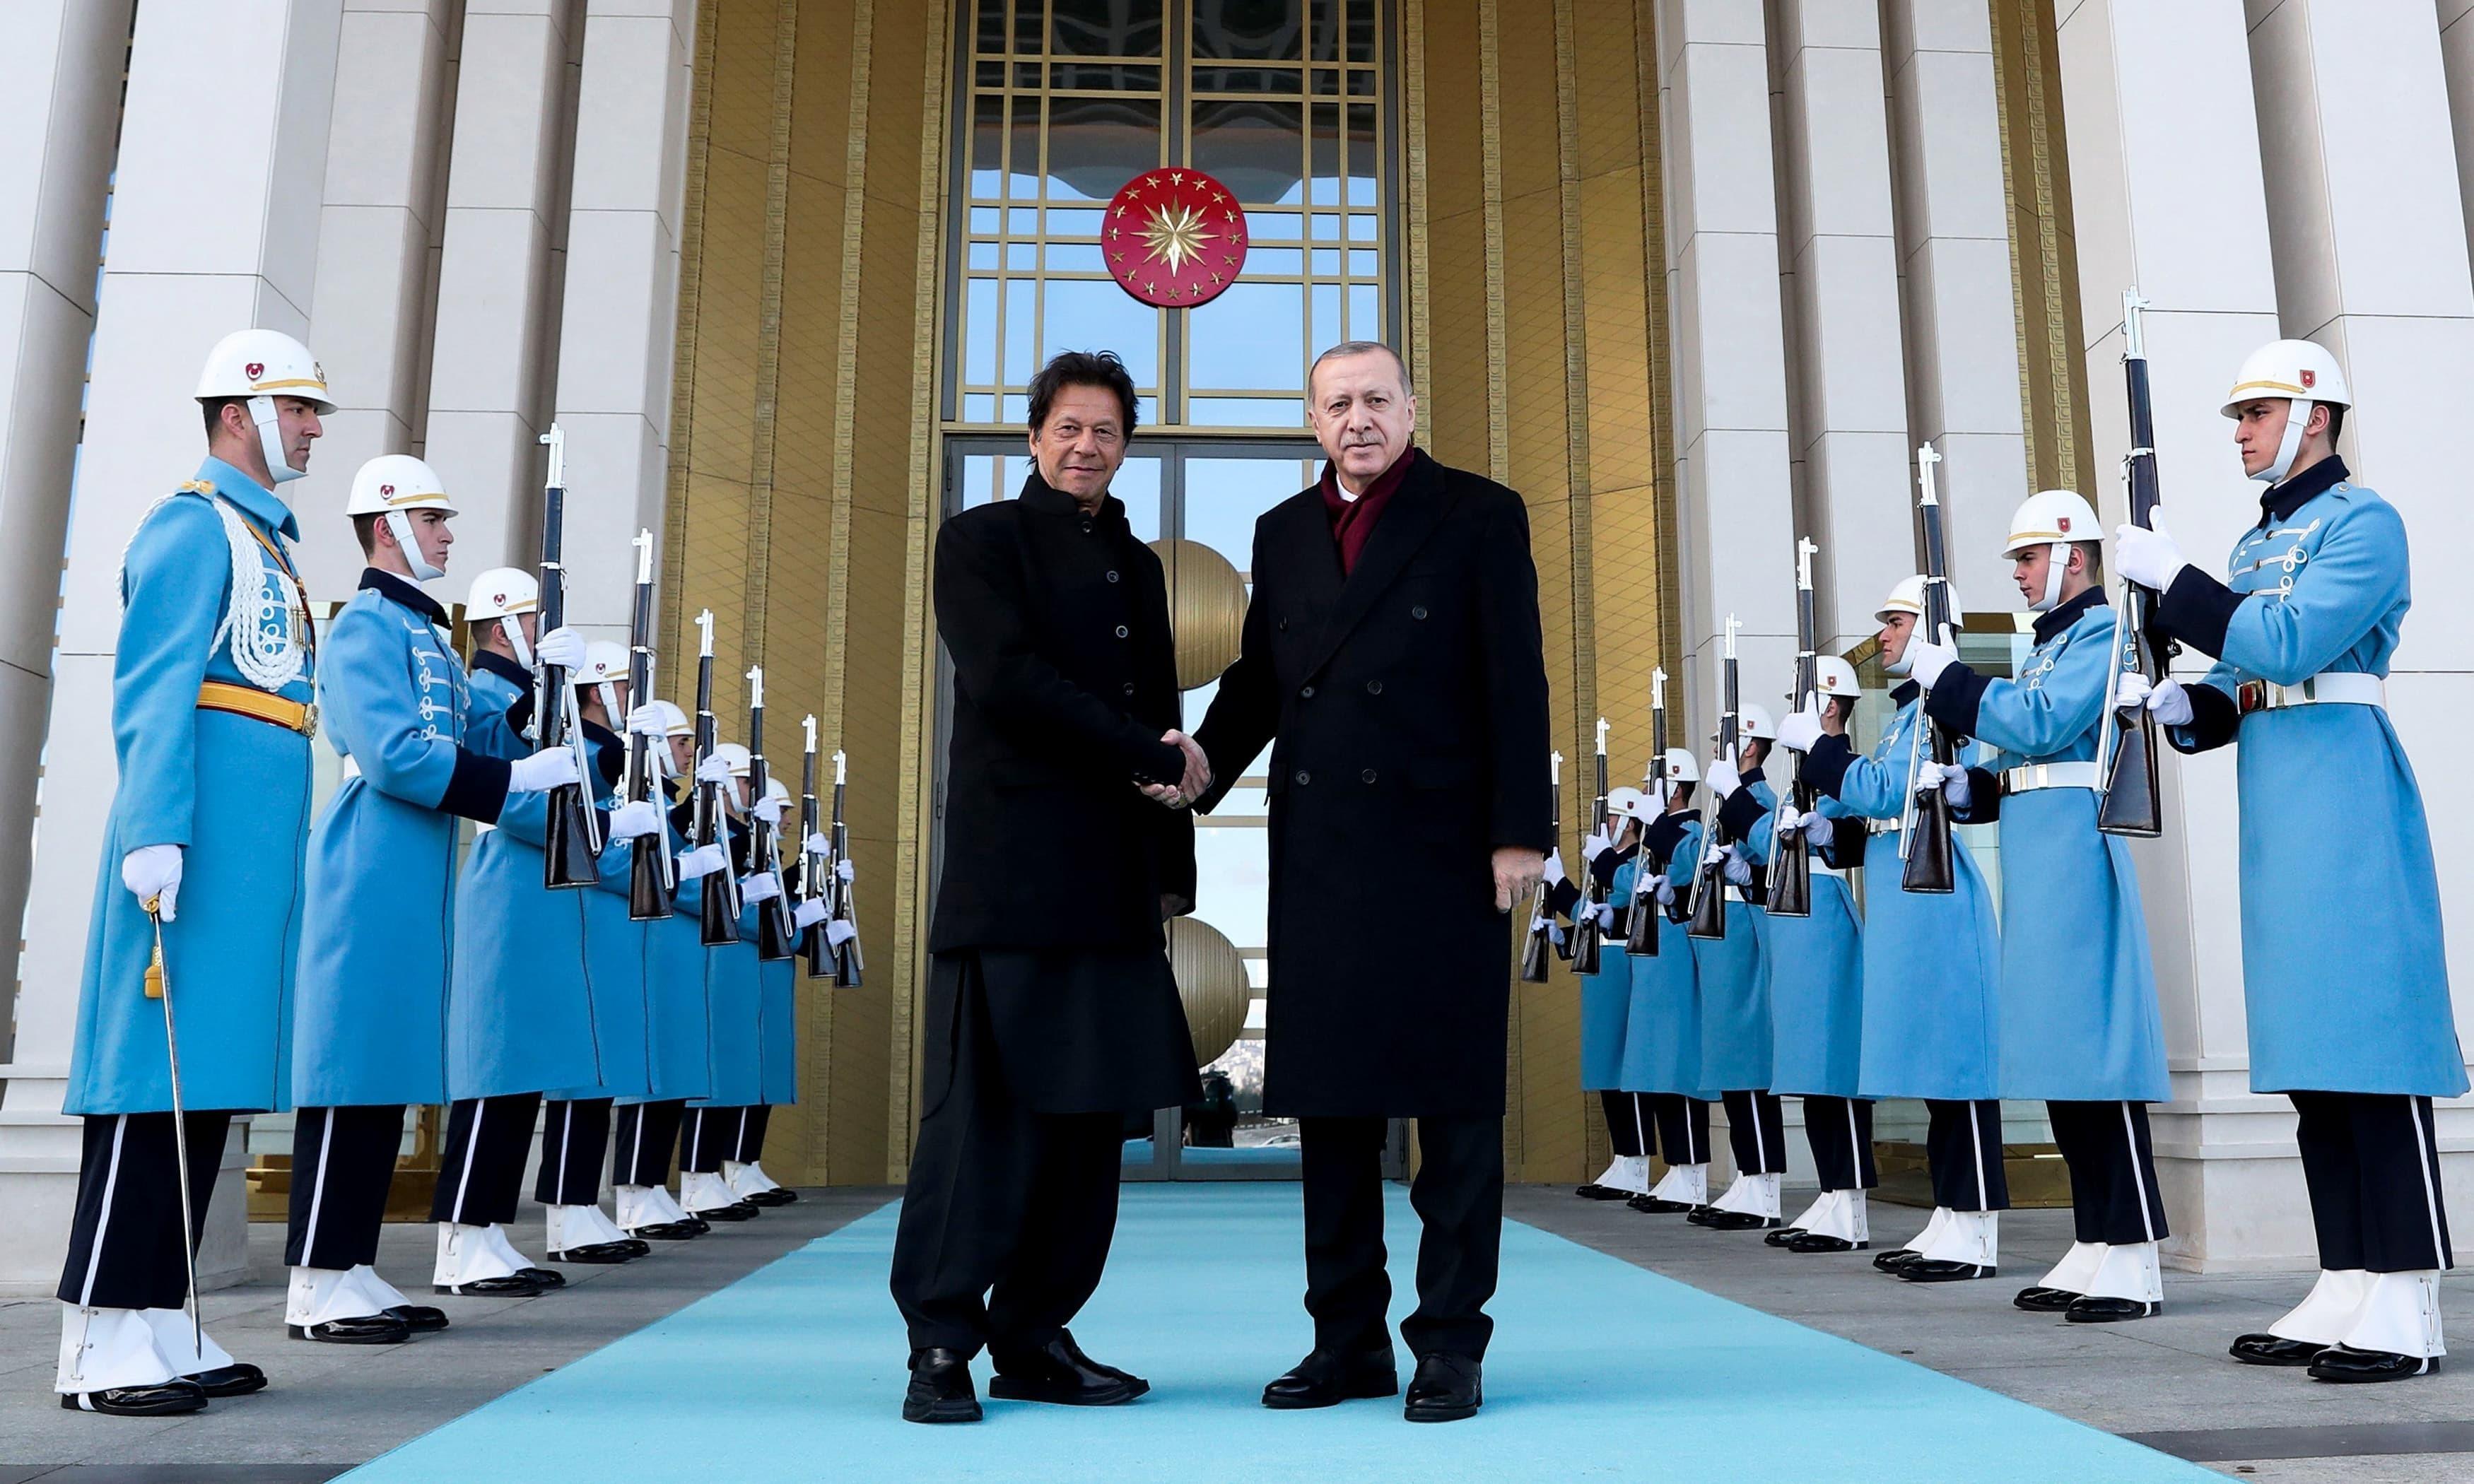 وزیراعظم عمران خان نے آخری لمحات میں کوالالمپور سمٹ میں شرکت سے معذرت کرلی تھی—فائل/فوٹو:اے ایف پی